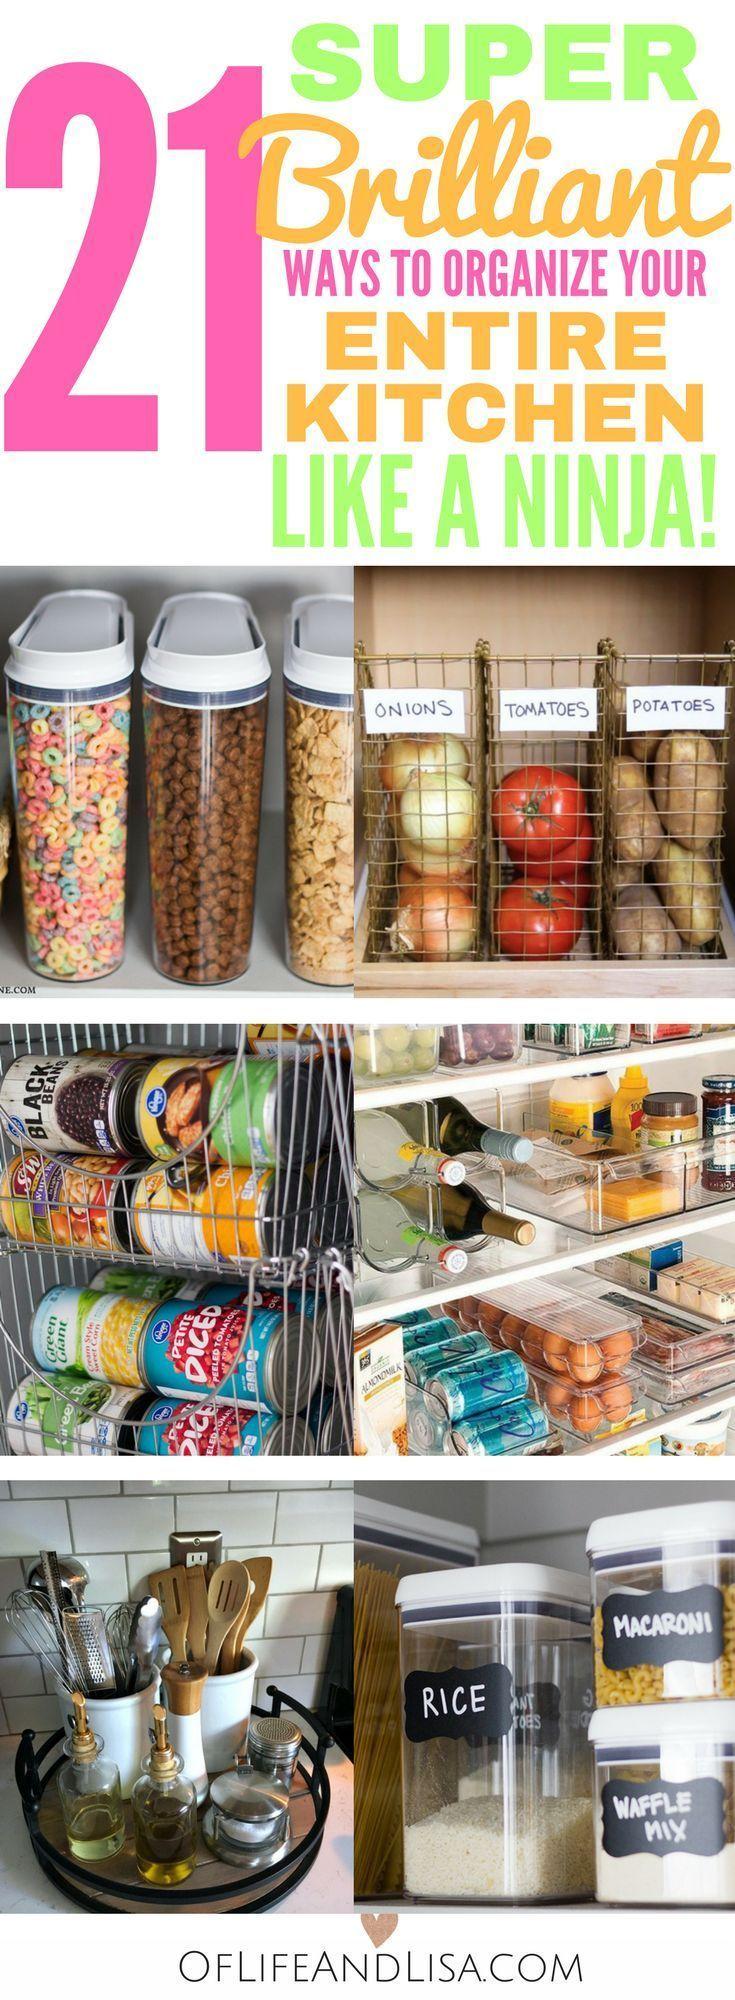 Diese Ideen für die DIY-Küchenorganisation sind hervorragend!